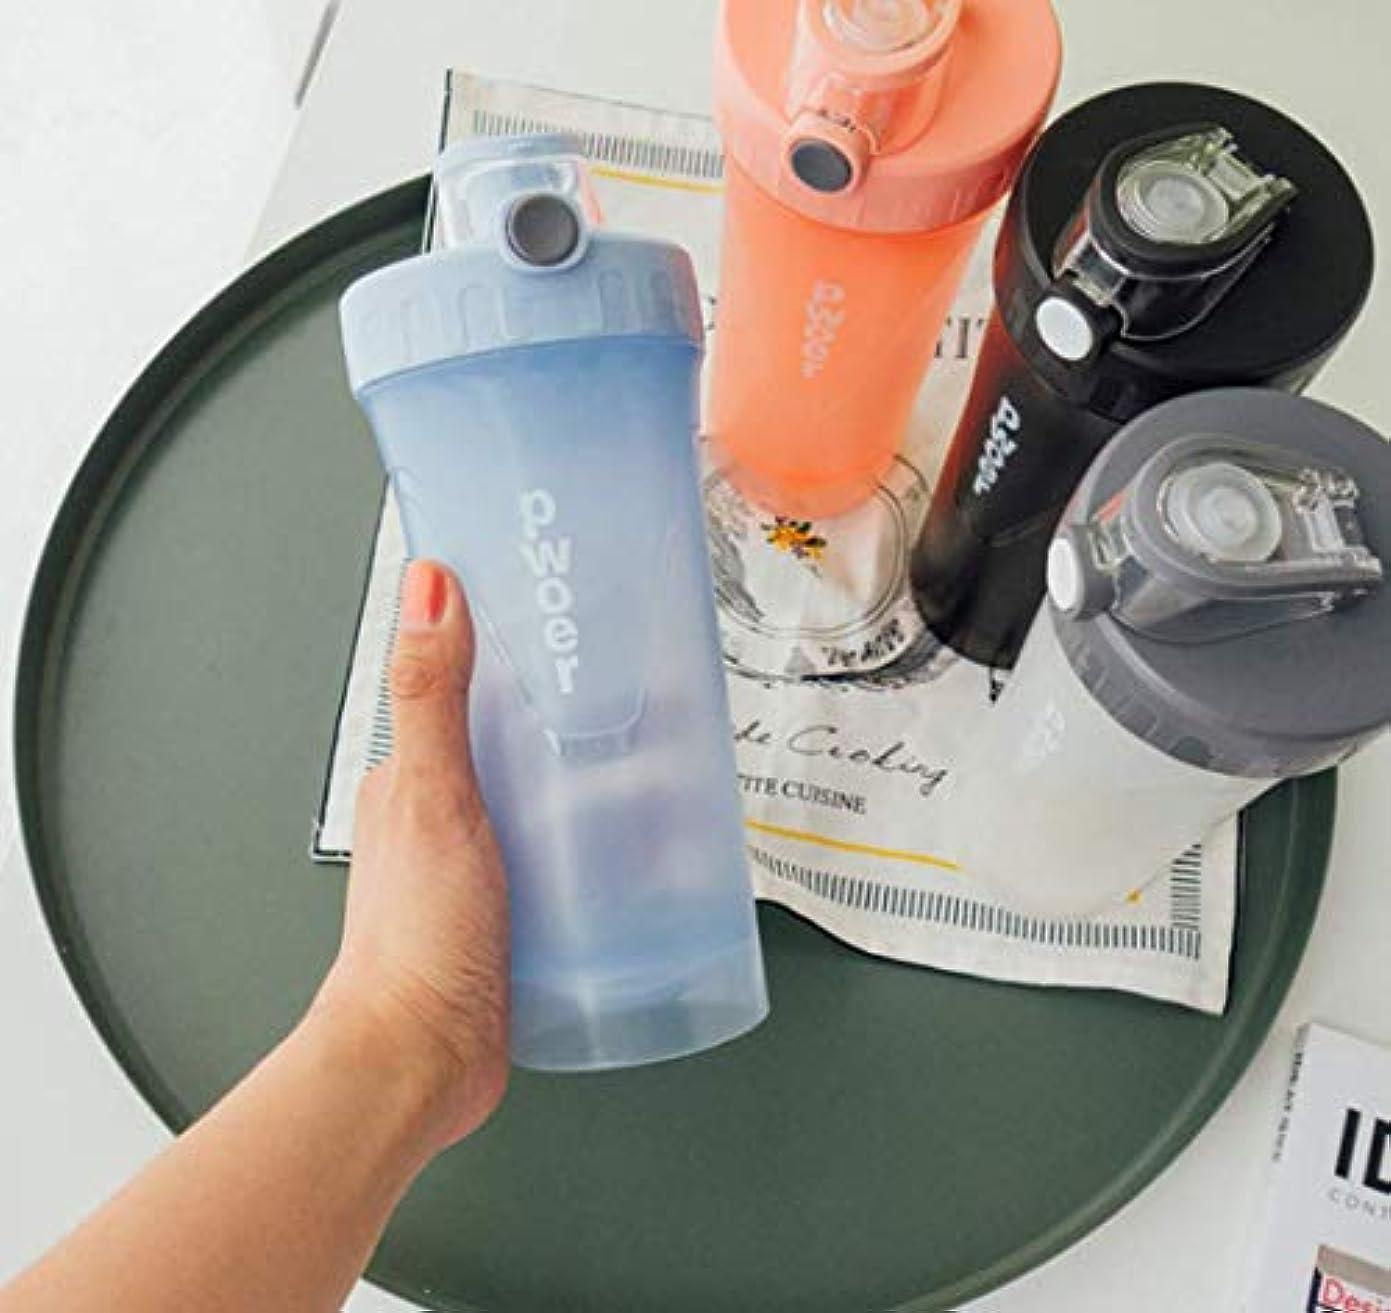 調整するチラチラする承知しましたプロテインシェーカー 栄養錠剤ビタミン入れ ダイエットドリンク用 タンパク質パウダーミキサーボルト 栄養補給 プロテイン 収納ケース 水筒 漏れ防止 シェーカーボトル